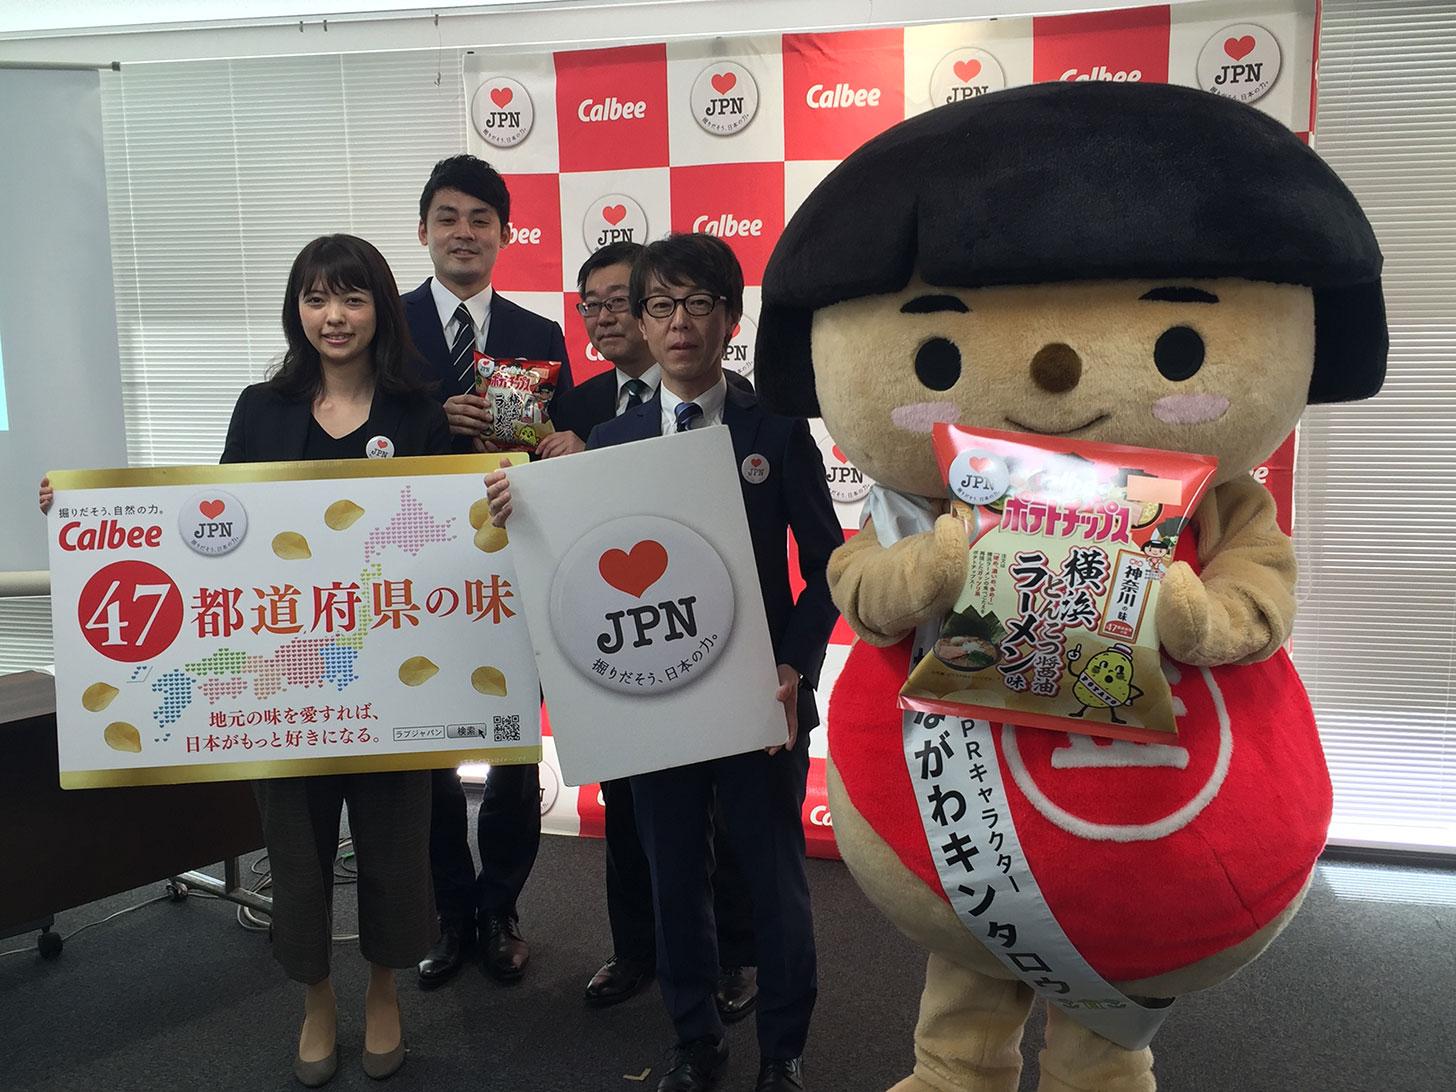 2月21日、神奈川県庁にて商品発表会